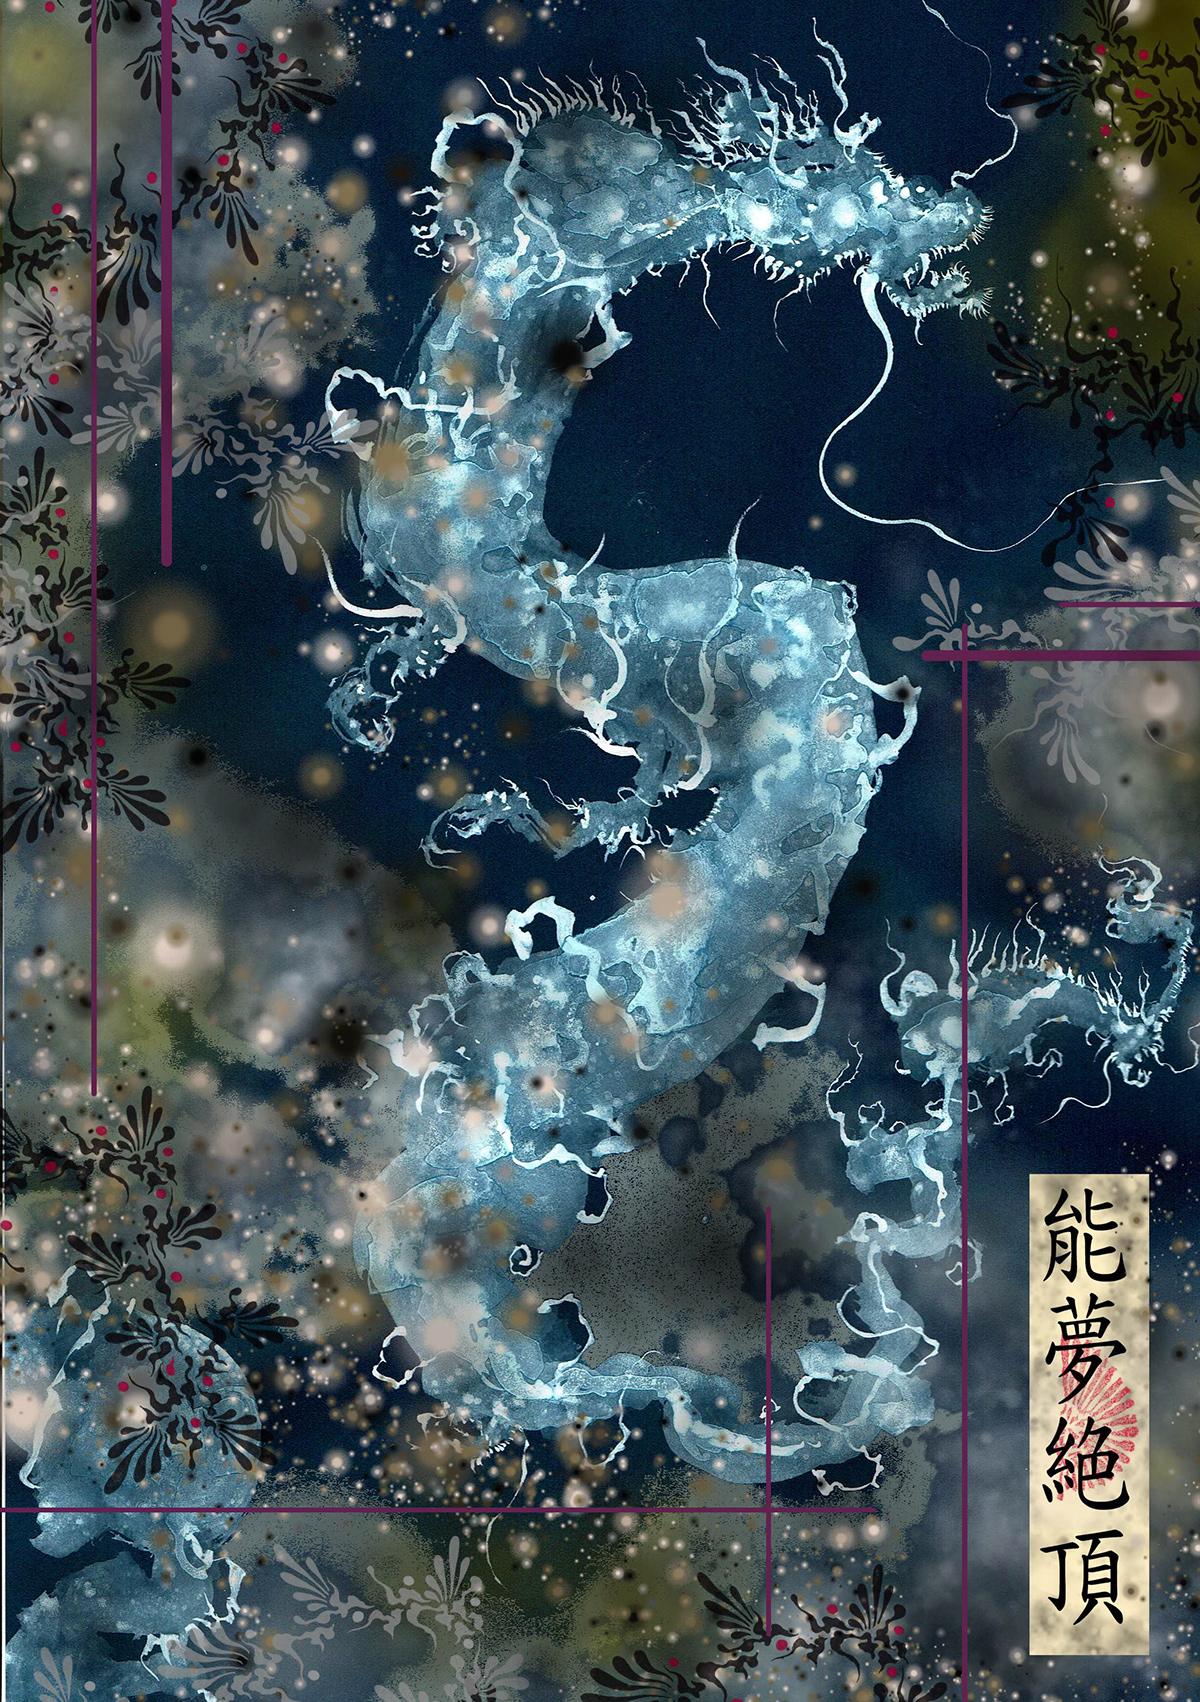 Image may contain: tree, screenshot and map